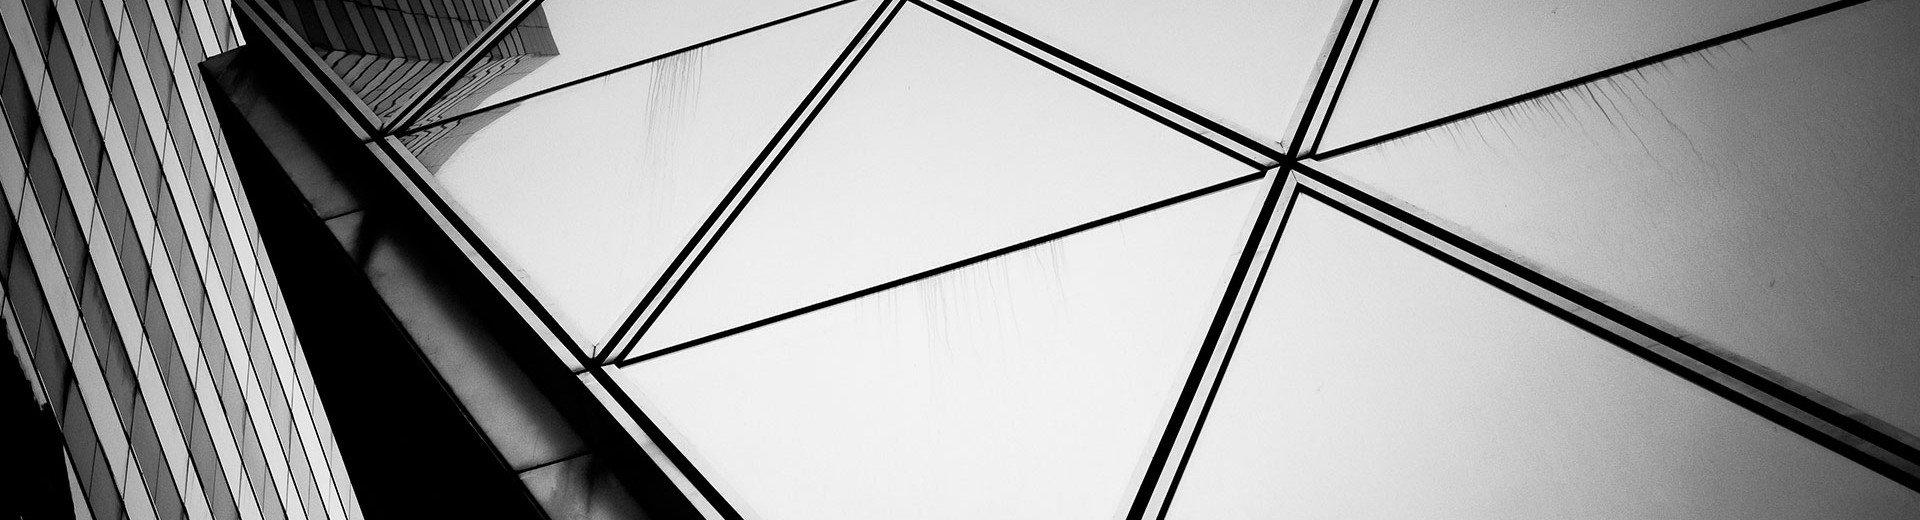 Okładka artykułu Znaczenie i odbiór barwy czarnej — Kolory w projektowaniu